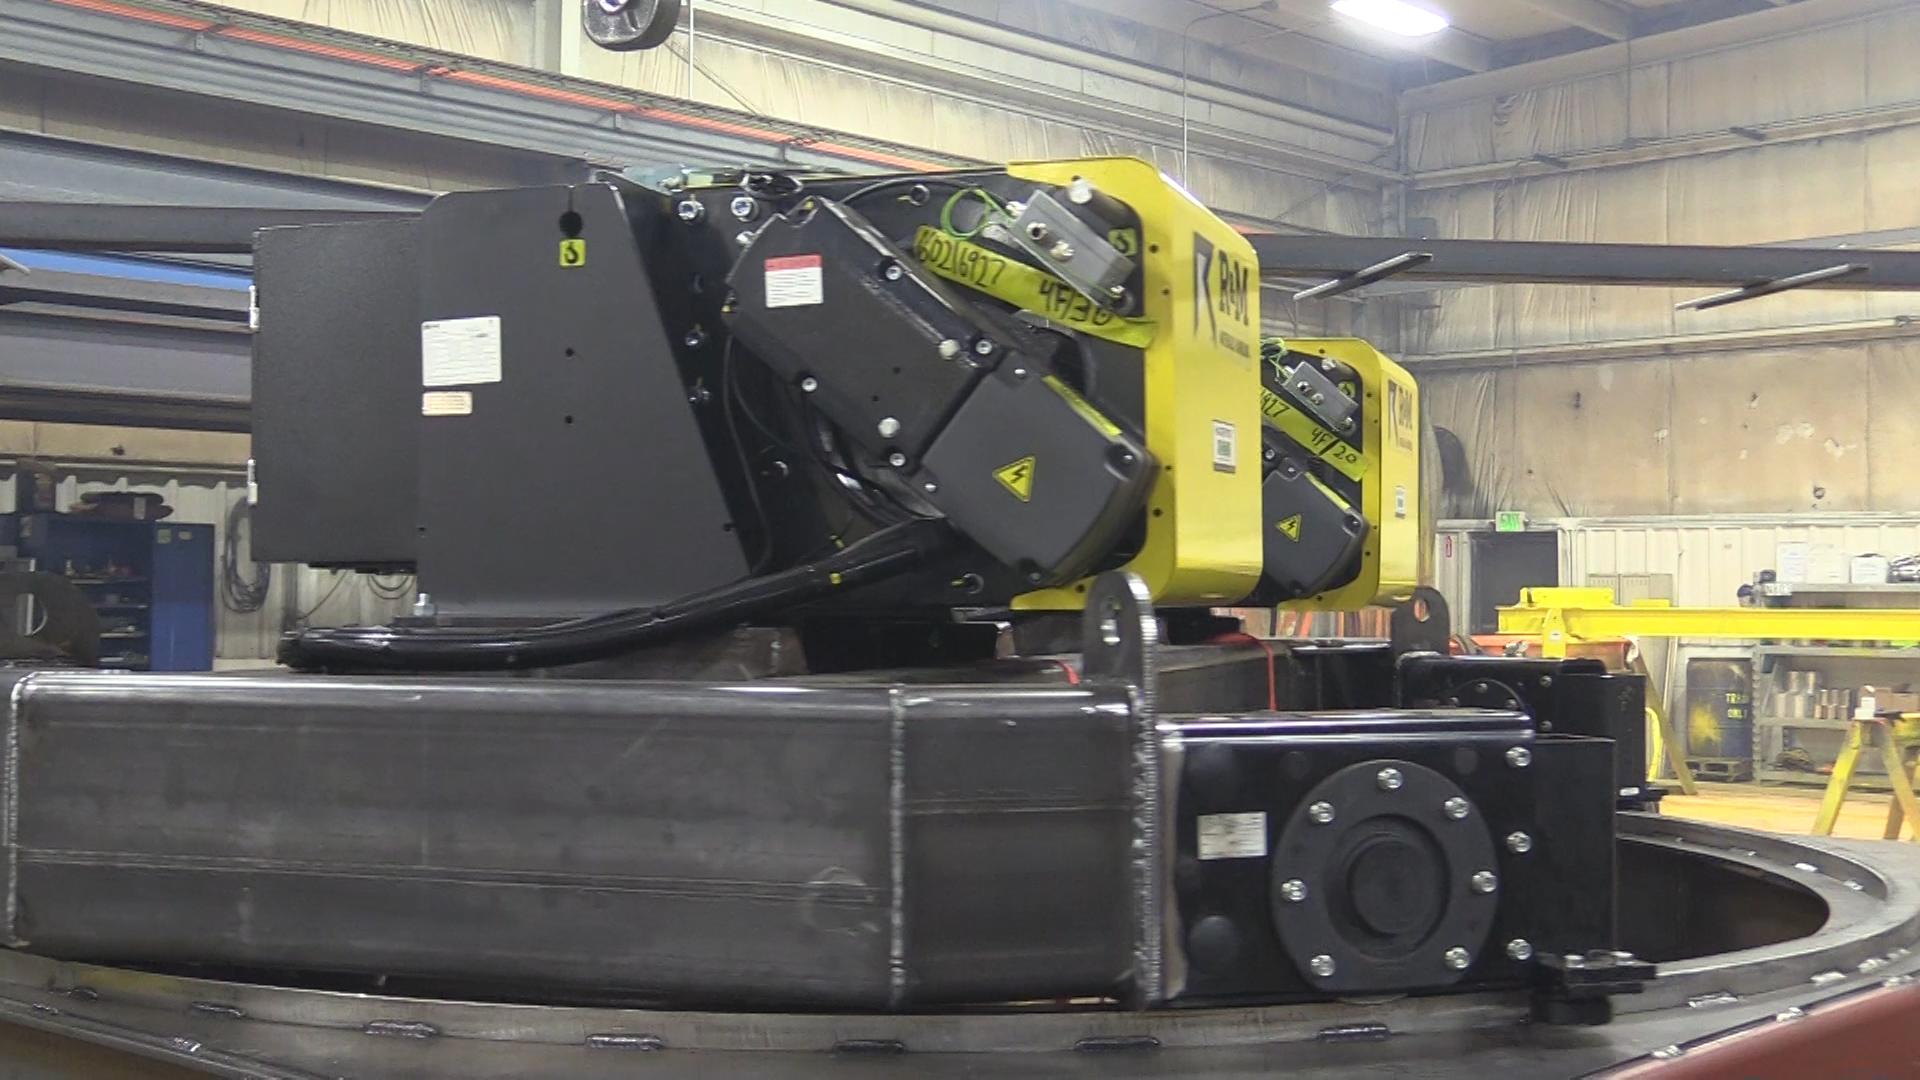 (VIDEO) A Hoosier Crane Innovative Crane Project In Progress